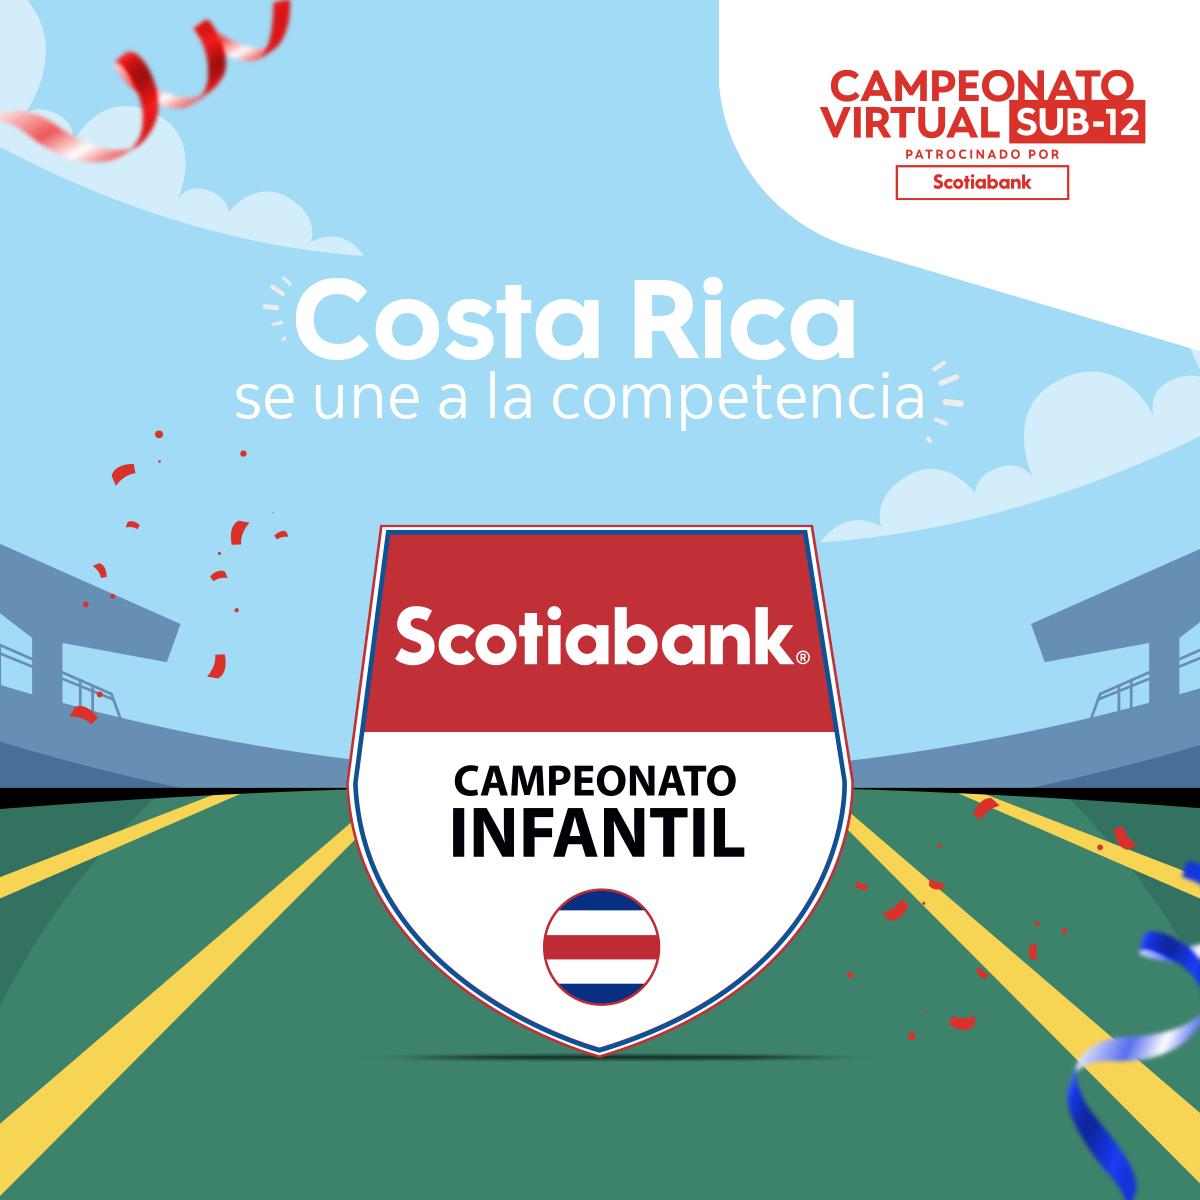 Campeonato virtual podrá a prueba a 450 estudiantes de Costa Rica